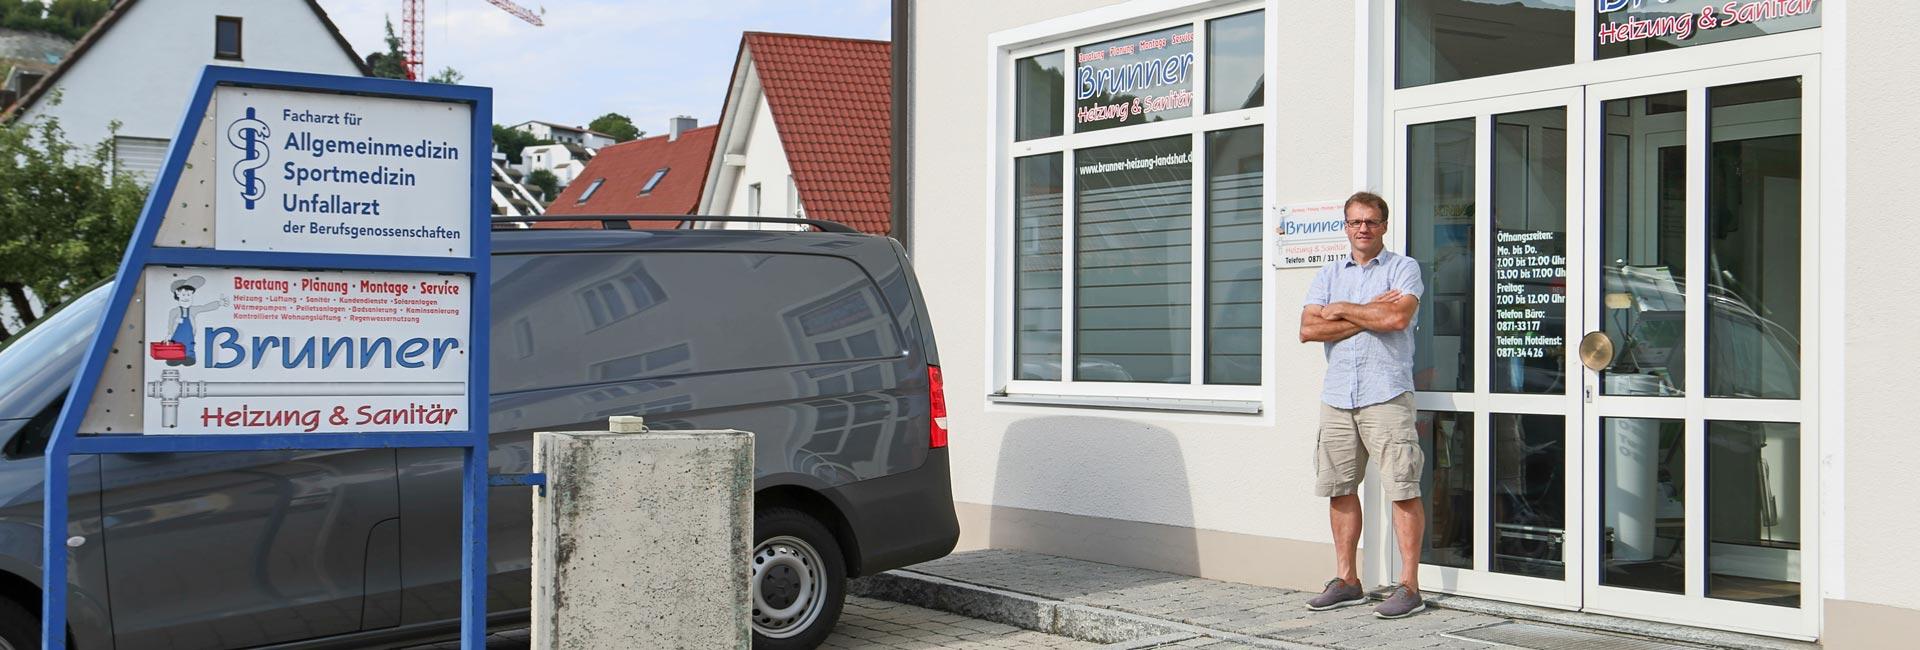 Brunner - Heizung & Sanitär bei Landshut